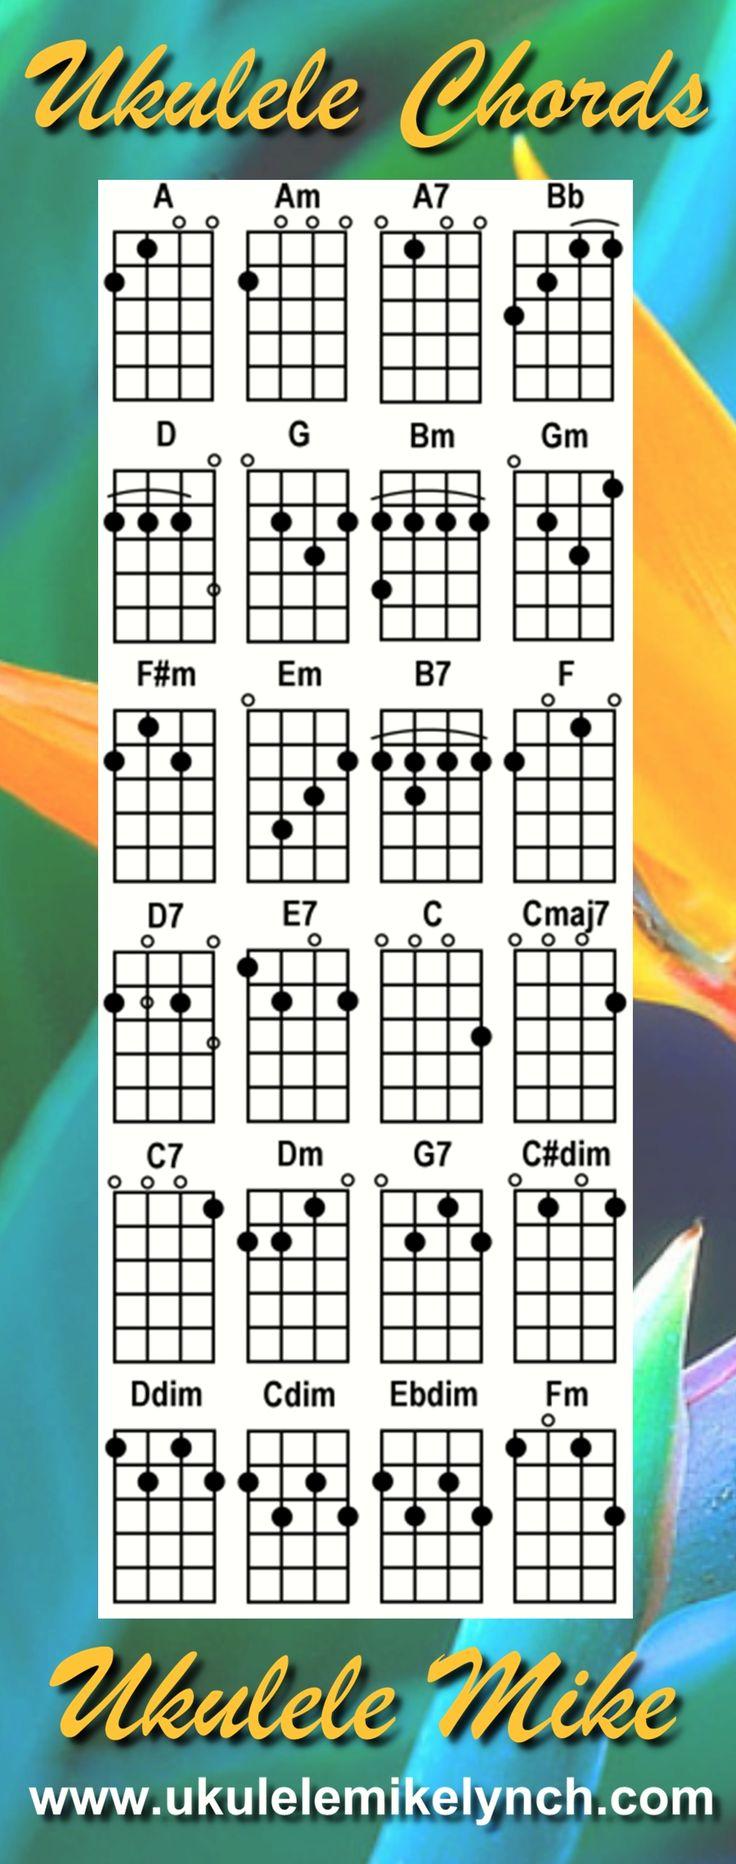 104 best ukulele images on pinterest music cars and deko ukulele mike chord bookmark all the most frequently used ukulele chords hexwebz Images